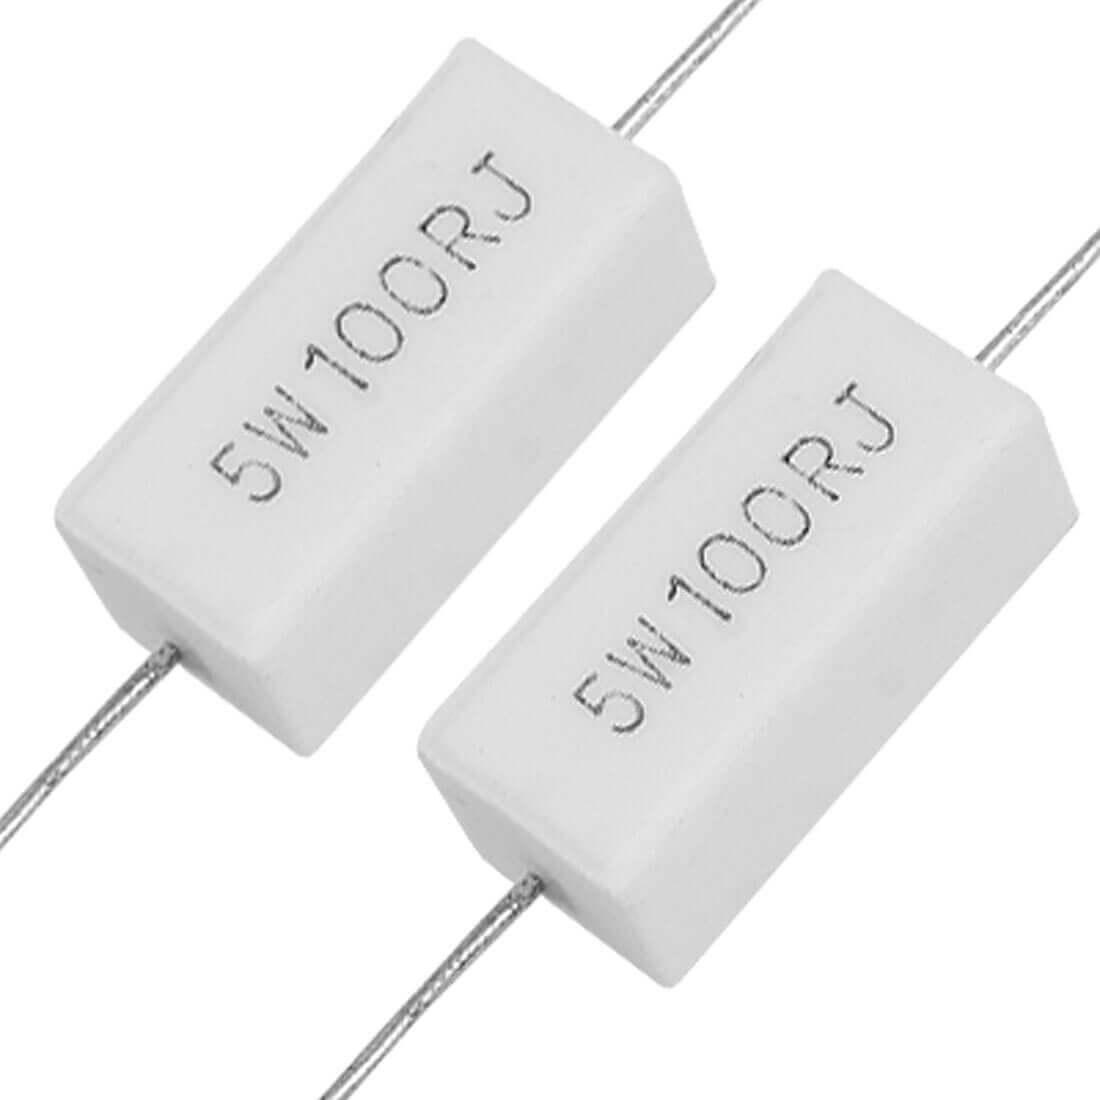 Обозначение на керамическом резисторе